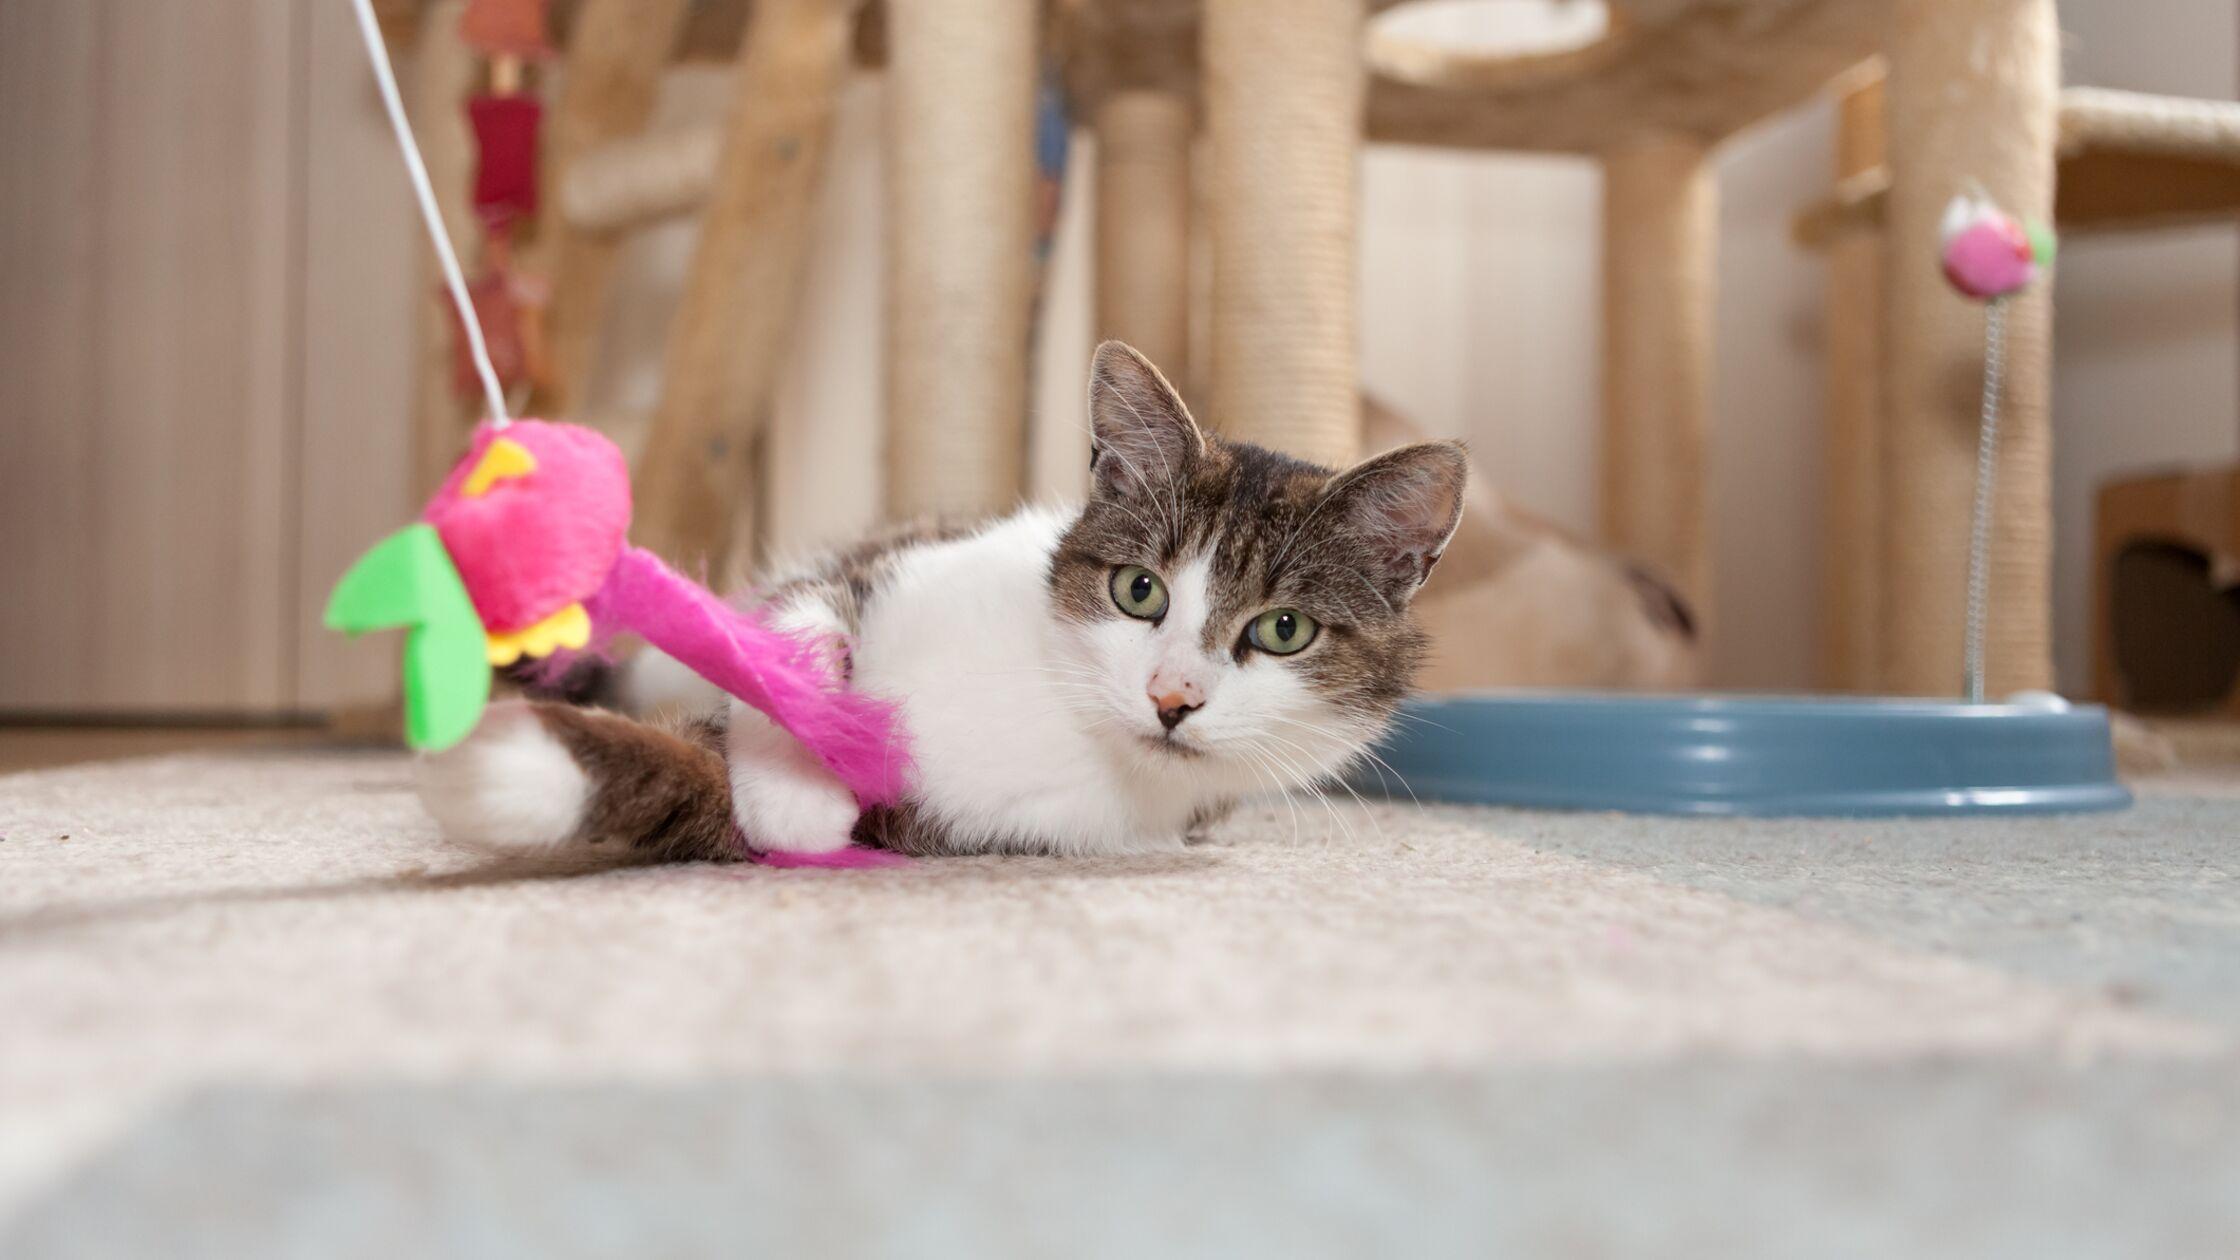 Katze liegt vor einem Kletterturm und spielt.